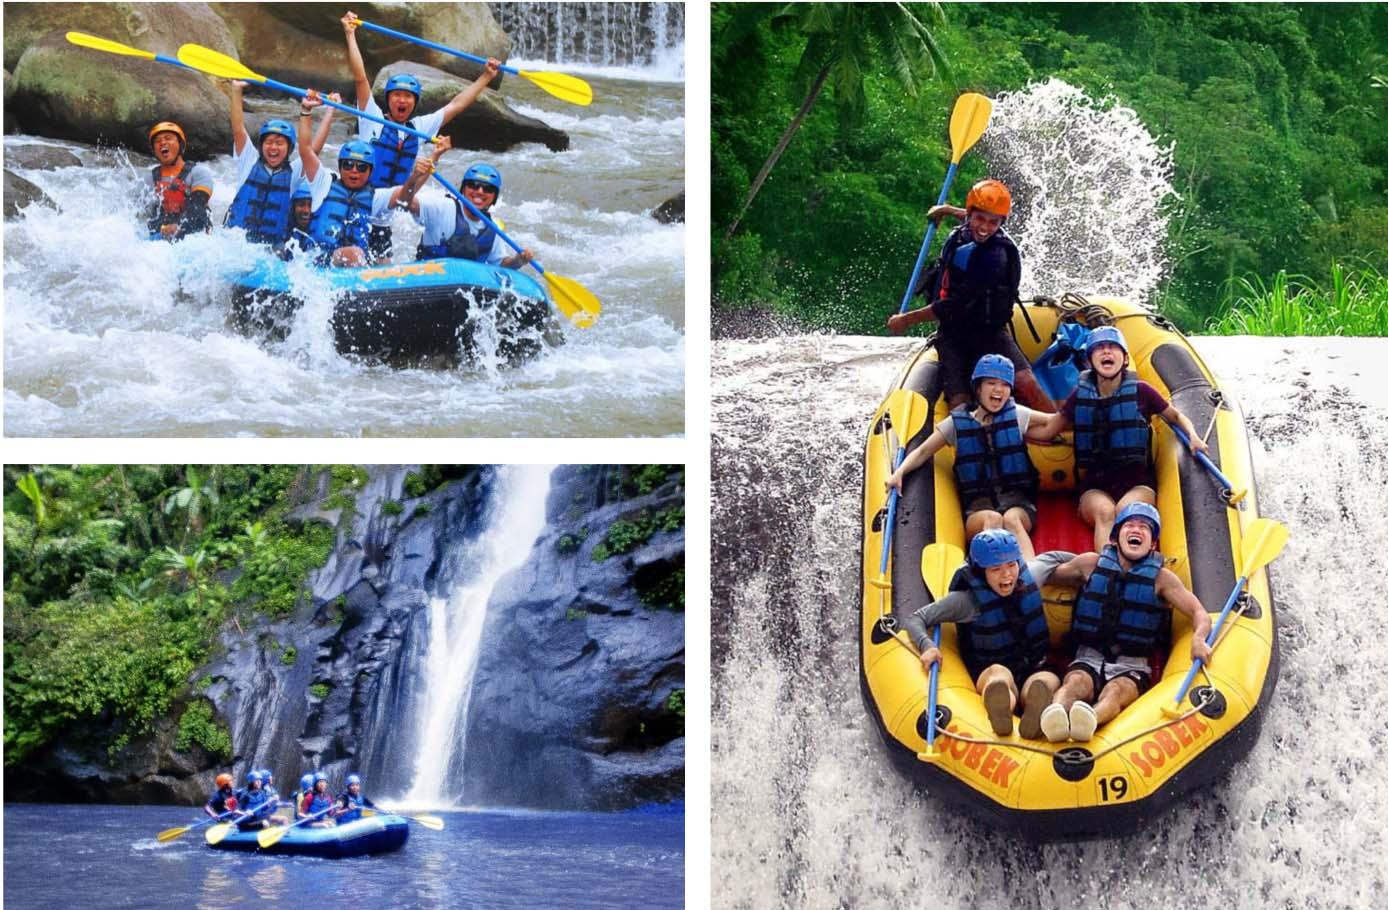 Sobek-White-Water-Rafting-Bali